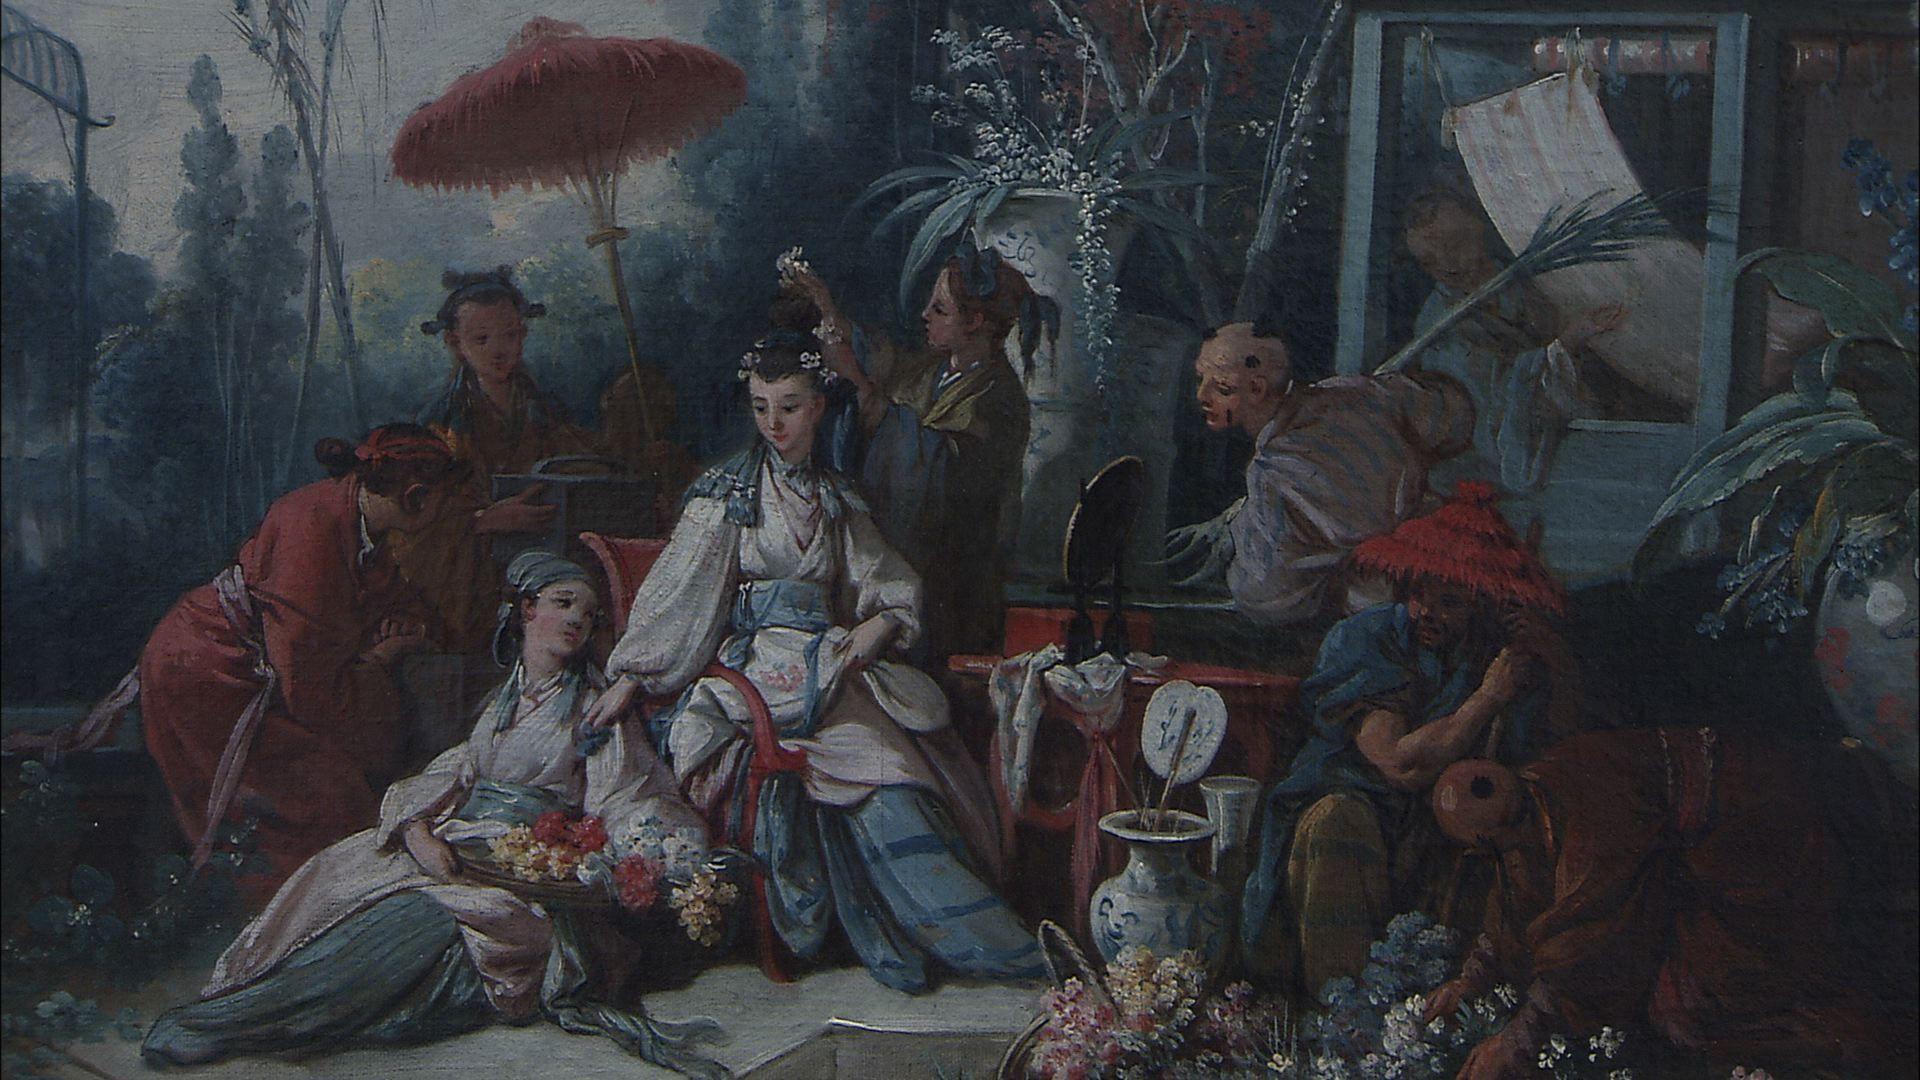 当卢浮宫遇见紫禁城(rencontre du louvre et de la